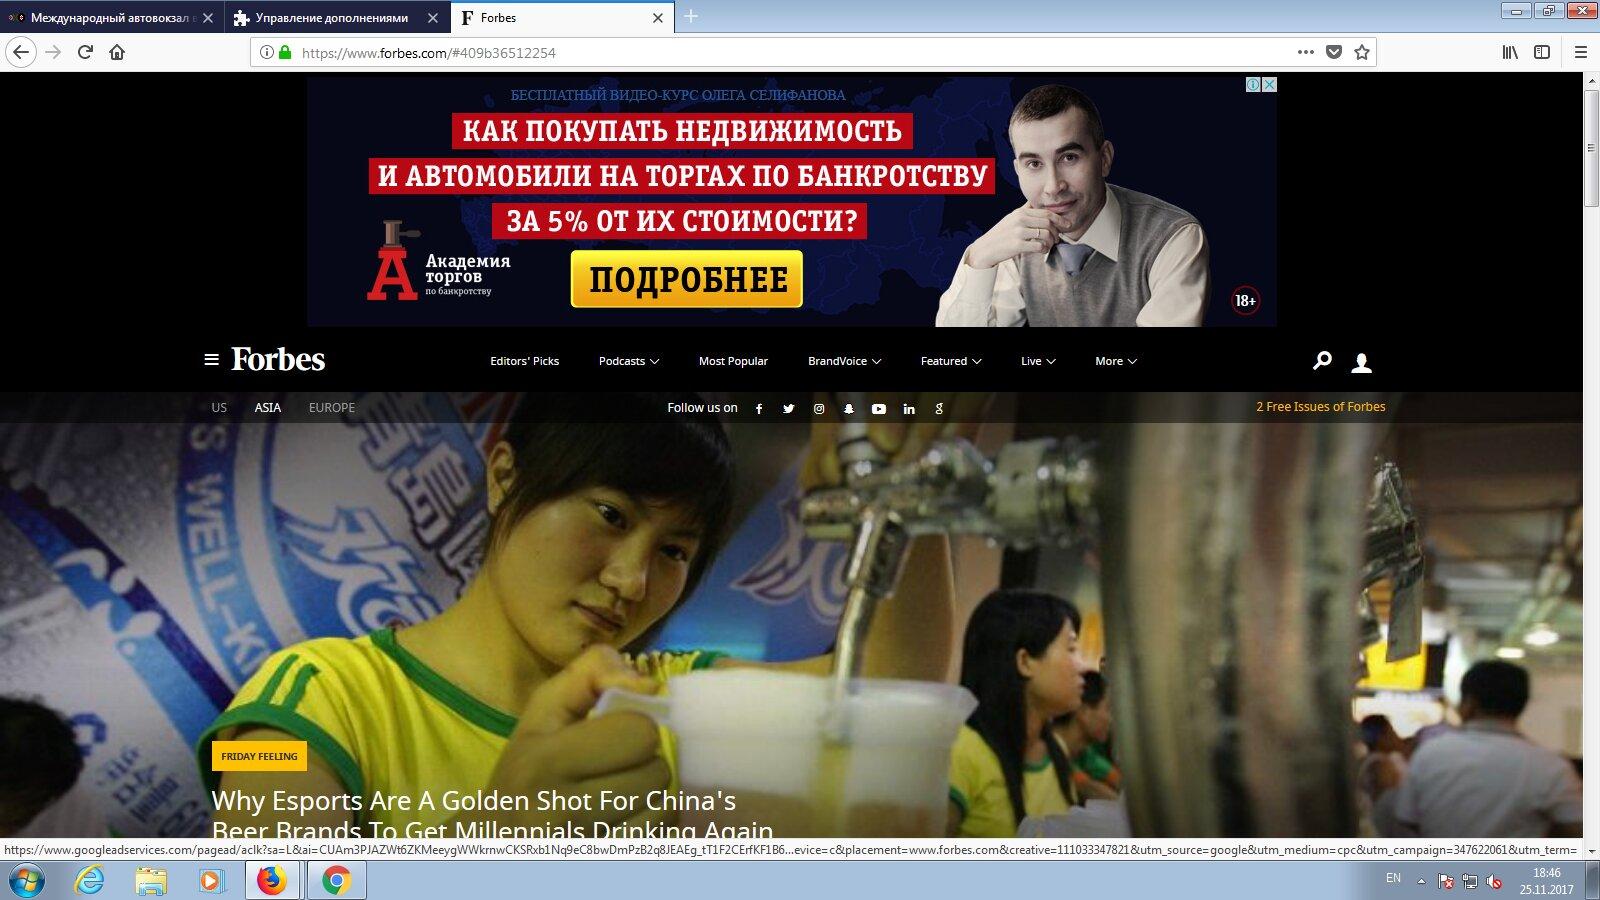 Пример навязчивой рекламы